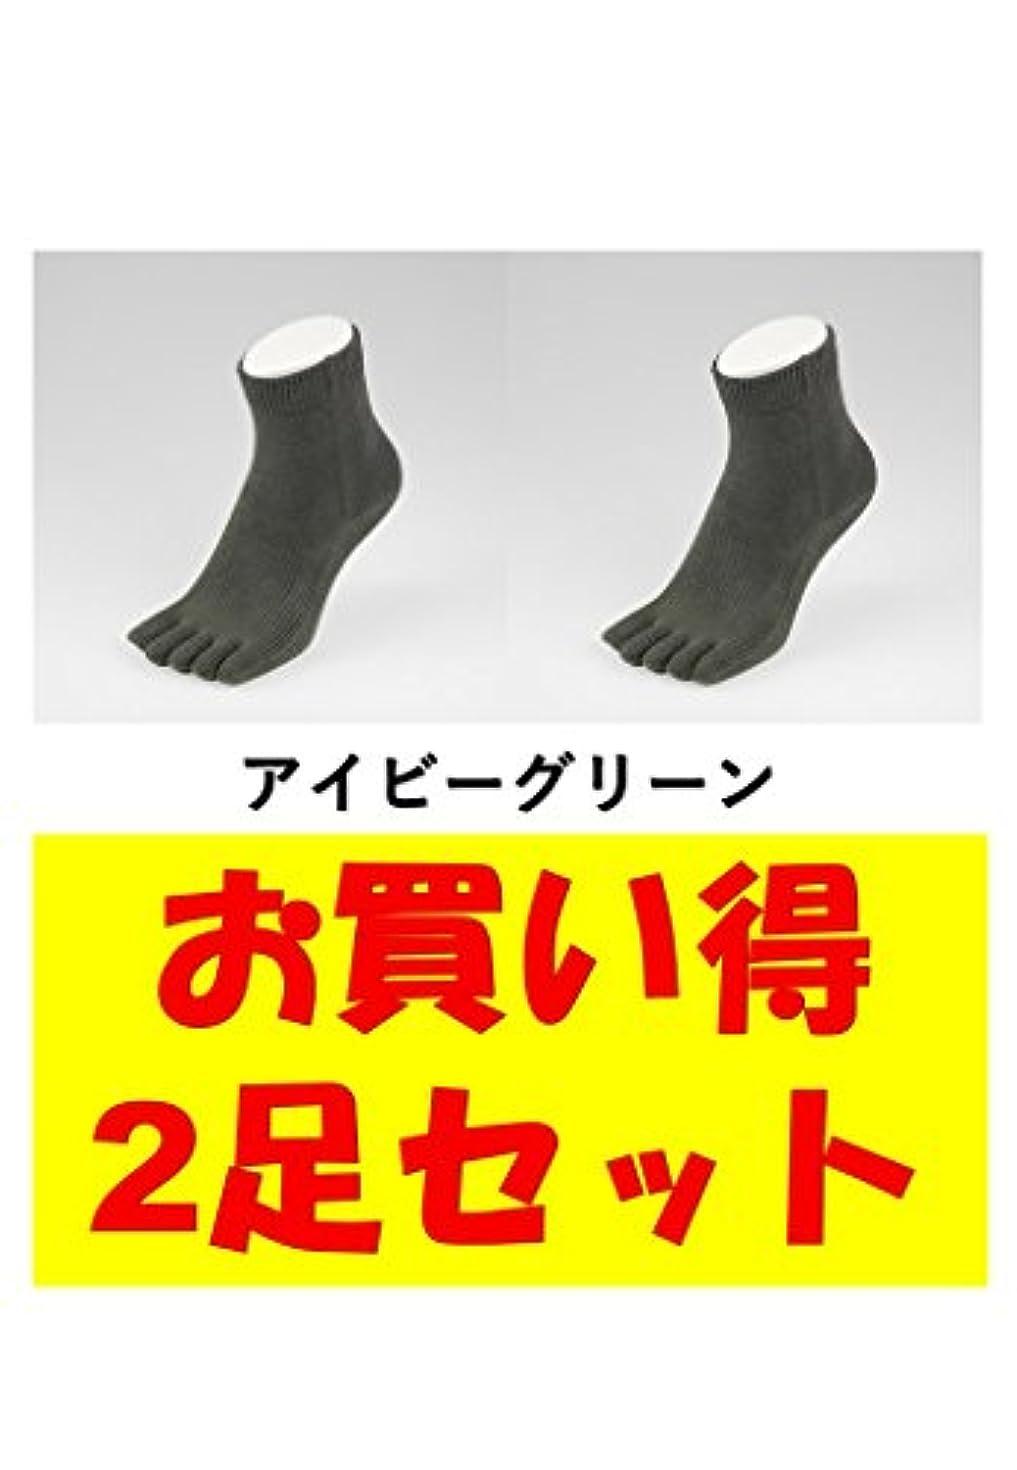 製造ペイント侵入お買い得2足セット 5本指 ゆびのばソックス Neo EVE(イヴ) アイビーグリーン iサイズ(23.5cm - 25.5cm) YSNEVE-IGR